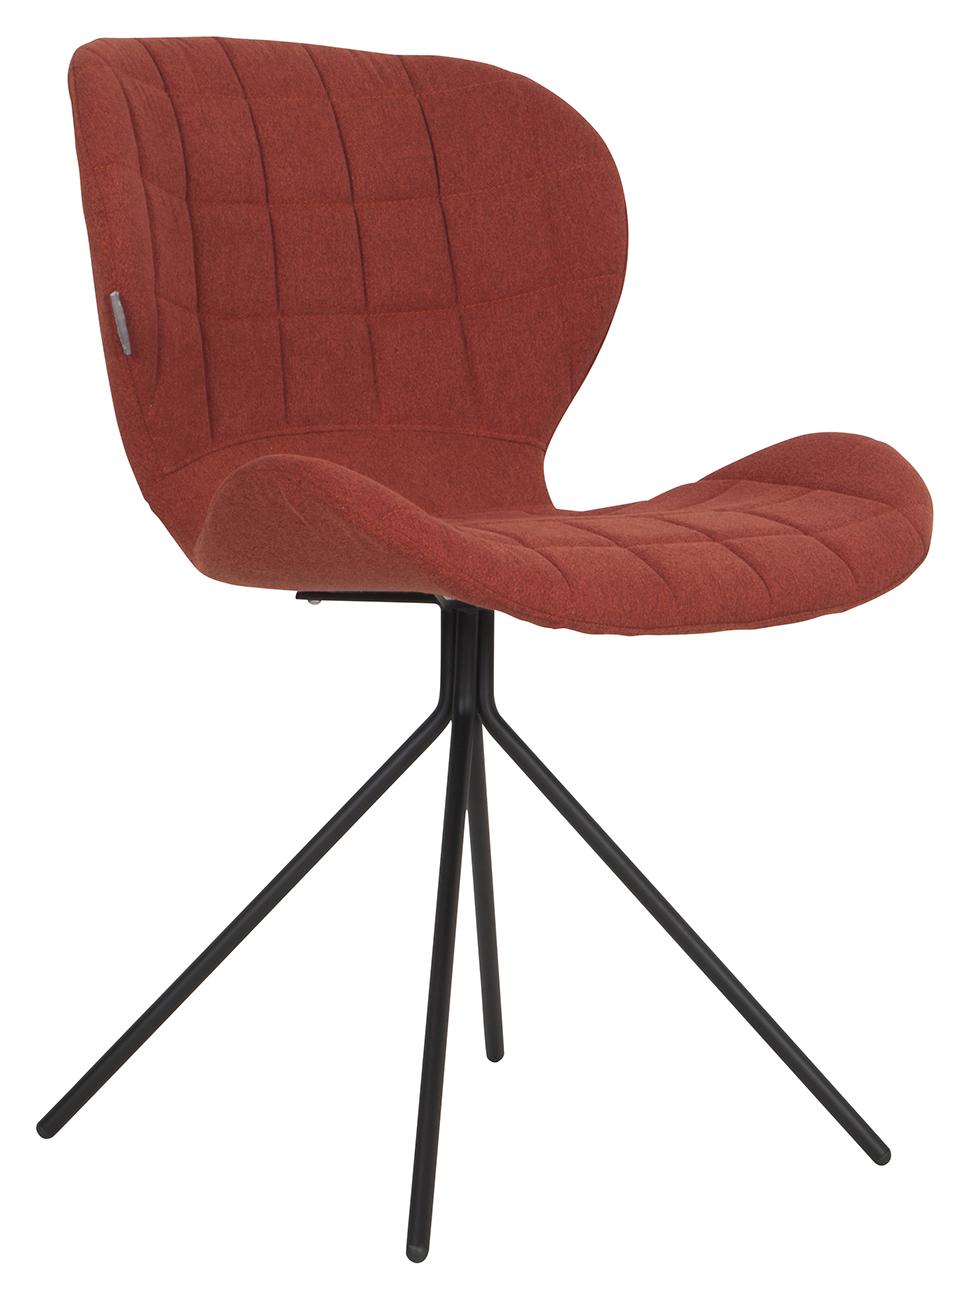 Zuiver Stoel Omg : Kuipstoel omg kleur orange oranje deba meubelen